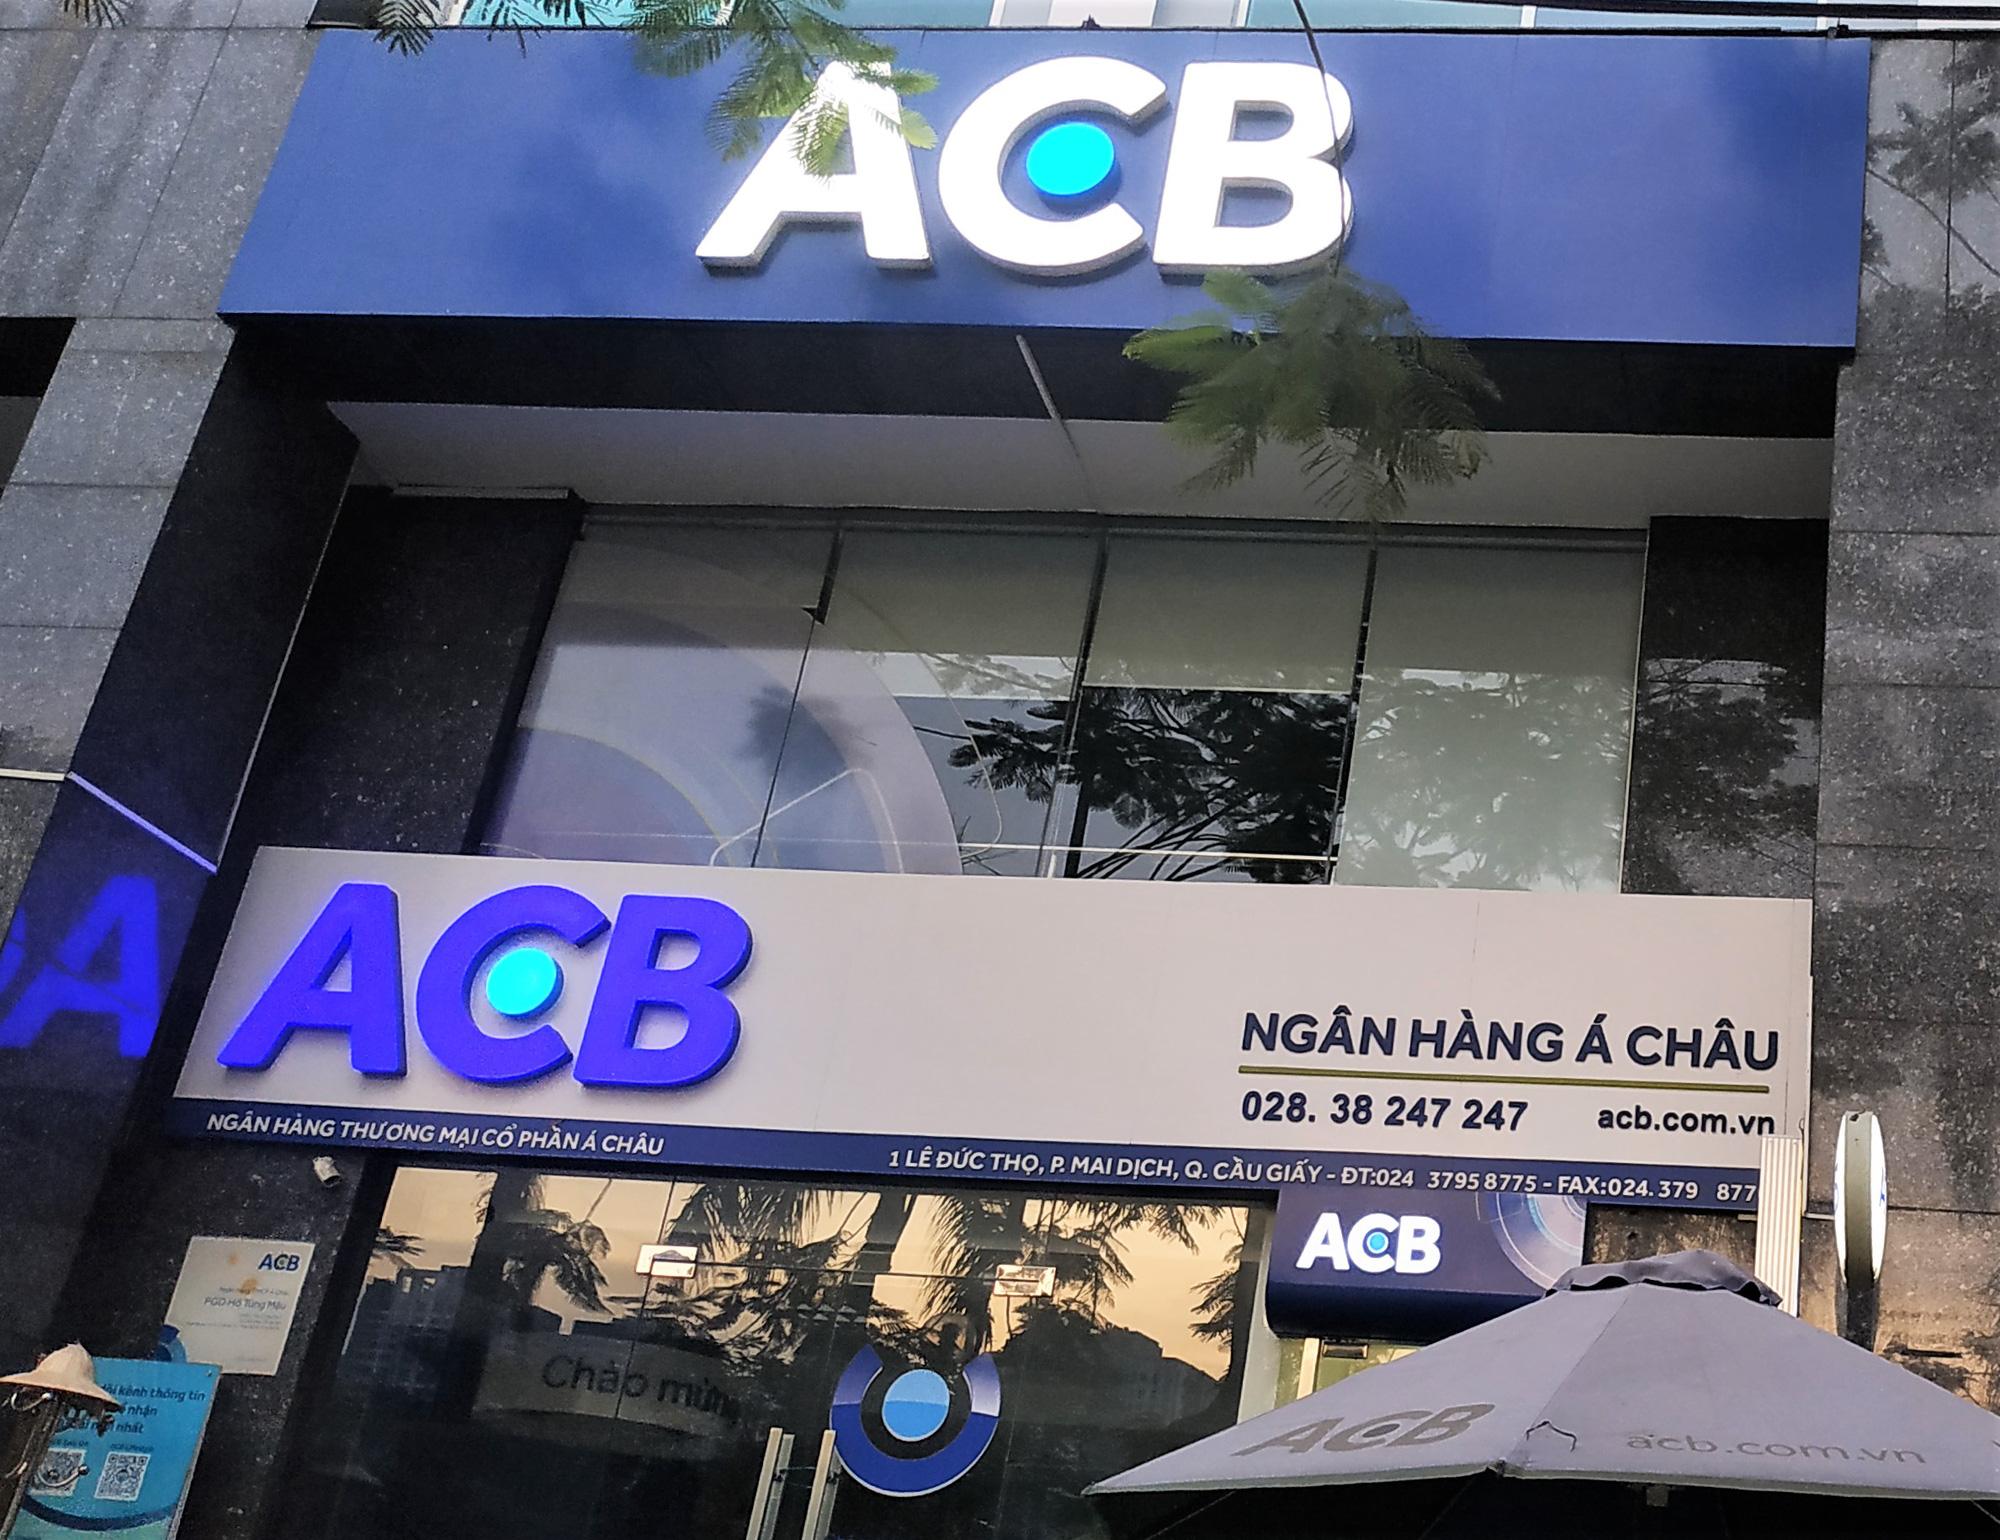 Lợi nhuận ACB tăng 66% so với cùng kỳ - Ảnh 1.